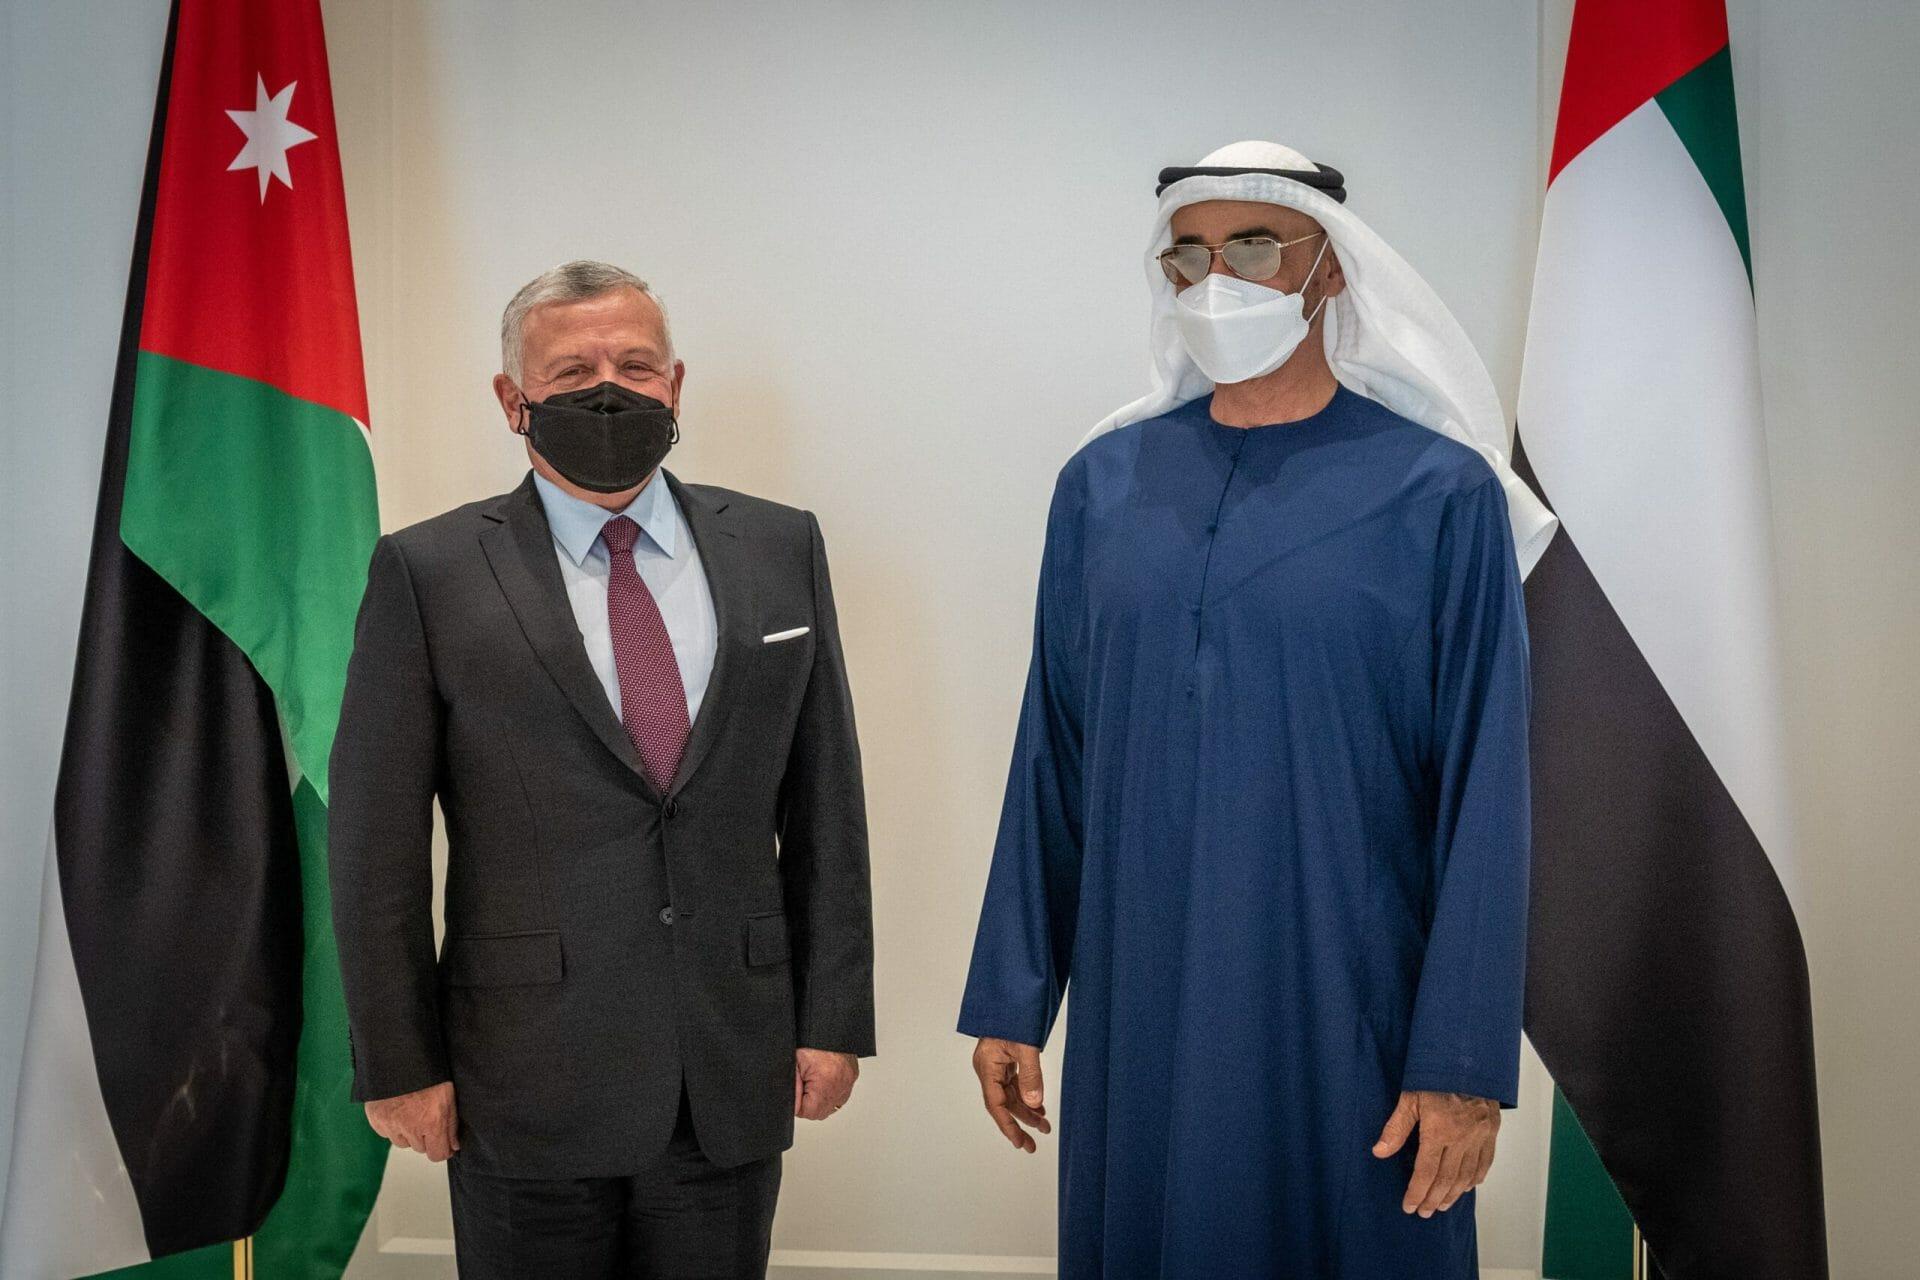 الملك عبدالله الثاني يصل أبوظبي ويلتقي بمحمد بن زايد